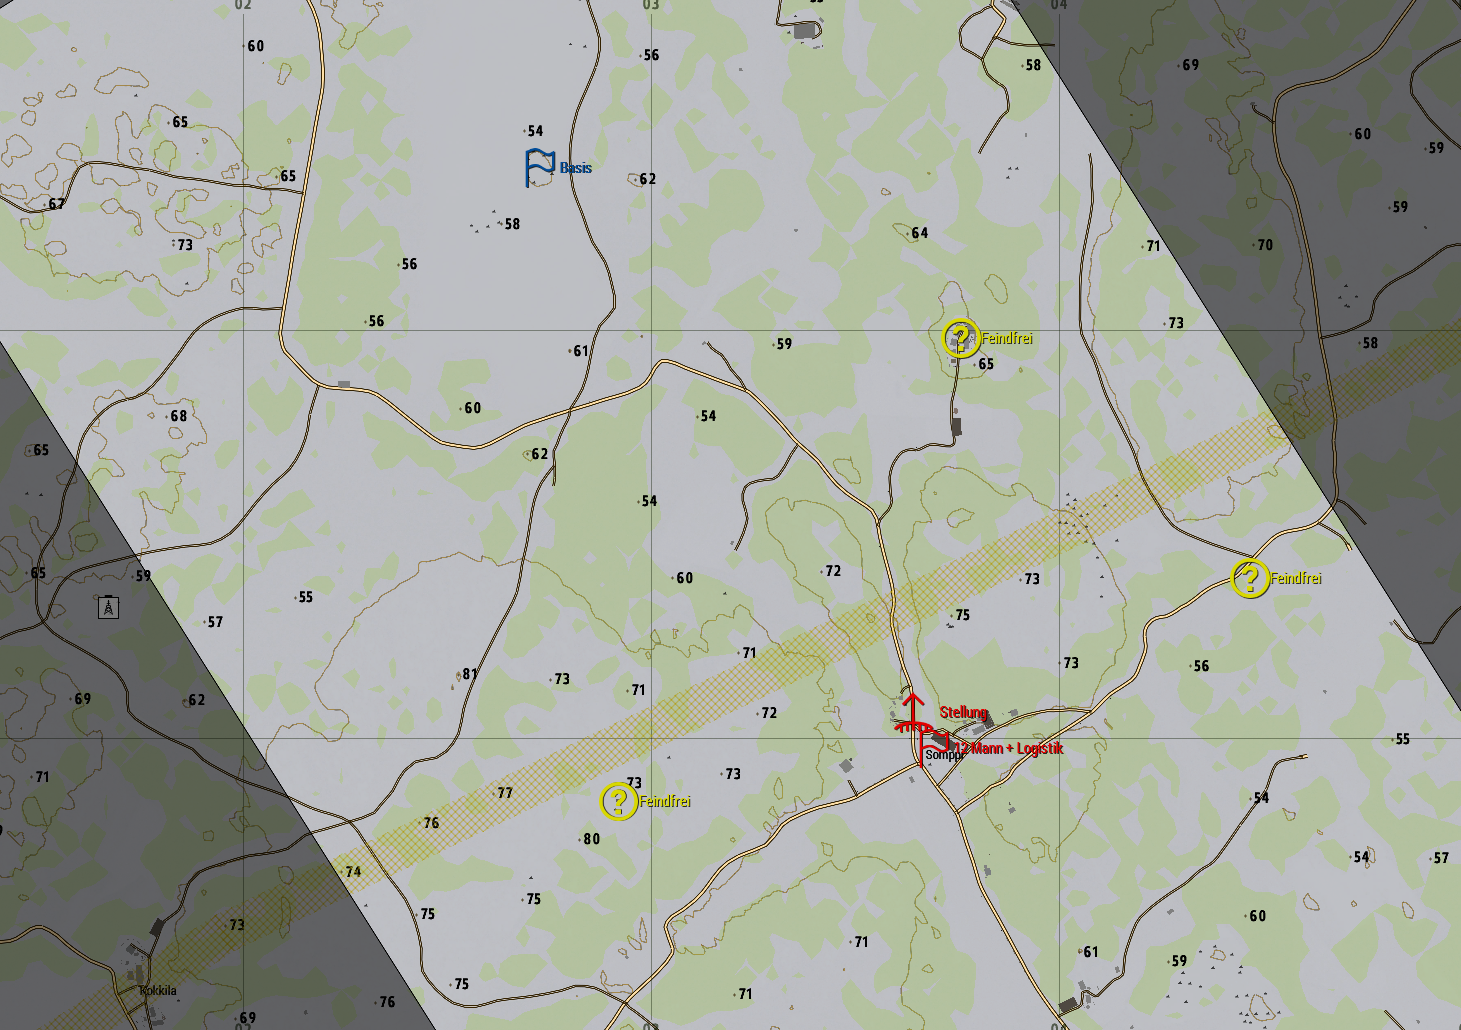 i.ibb.co/TWhGPG5/Map1.png